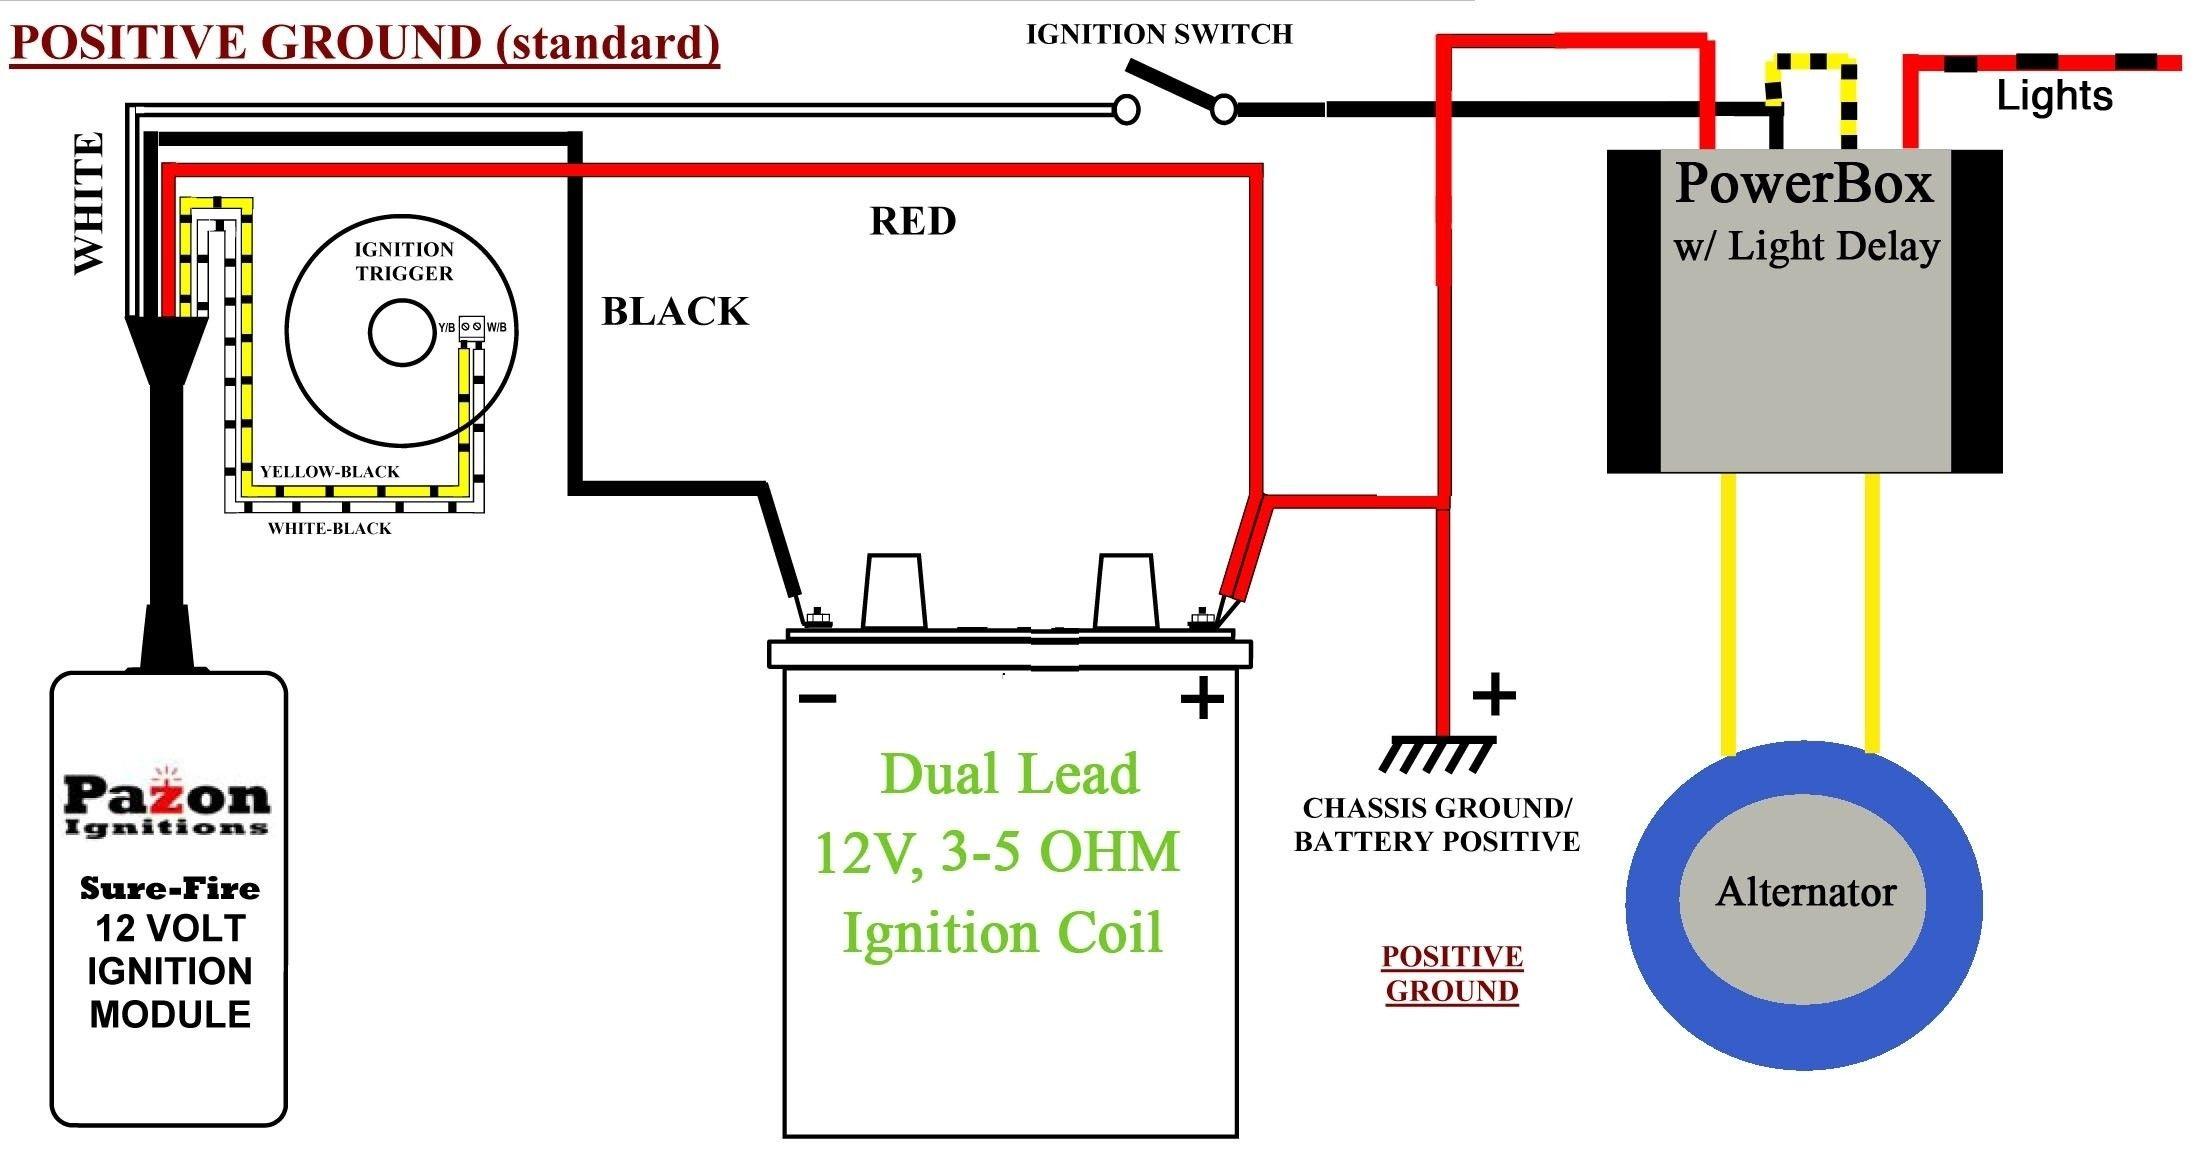 New Wiring Diagram For Dual Alternators Diagrams Digramssample Diagramimages Wiringdiagramsample Wiringdiagram Diagram Alternator Wire